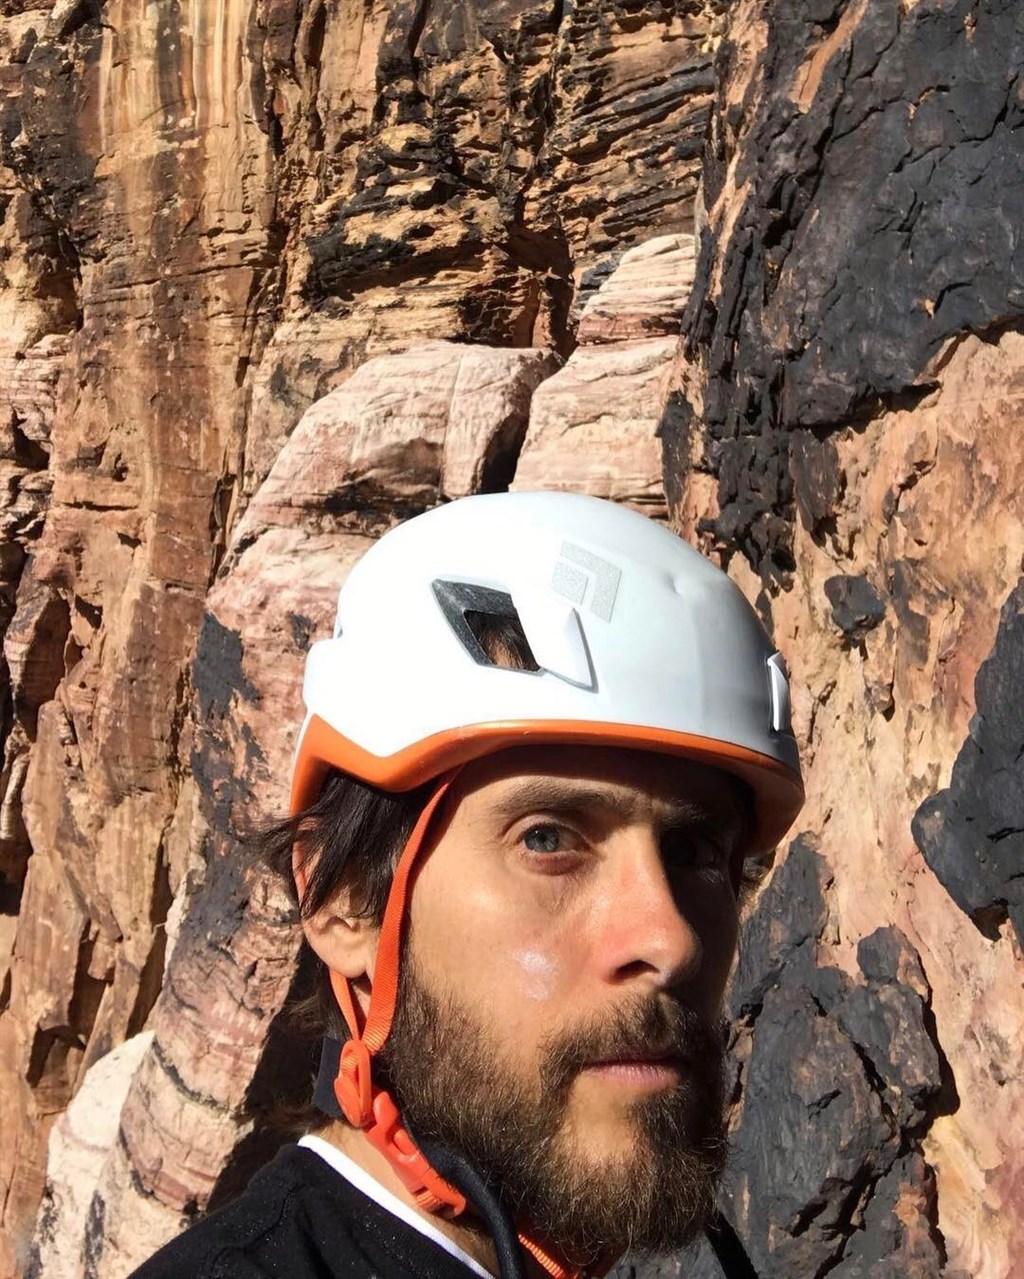 美國男星傑瑞德雷托日前在推特發文,表示先前攀岩時,繩索在183公尺時險些斷裂。(圖取自twitter.com/jaredleto)